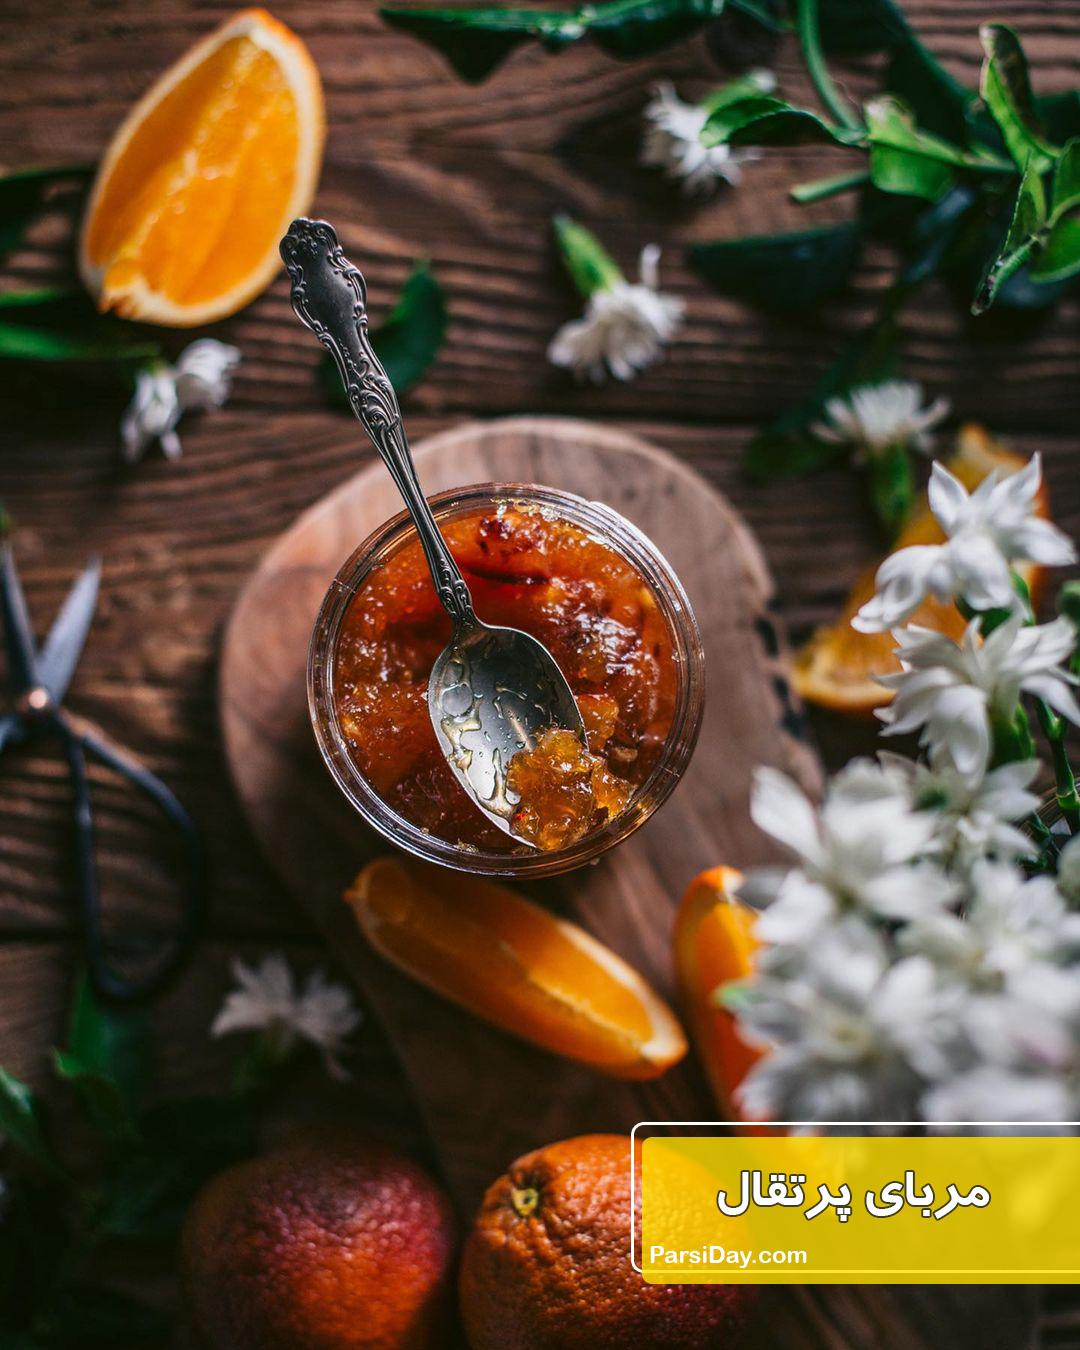 طرز تهیه مربای پرتقال خوشمزه و مجلسی با پوست و بدون پوست